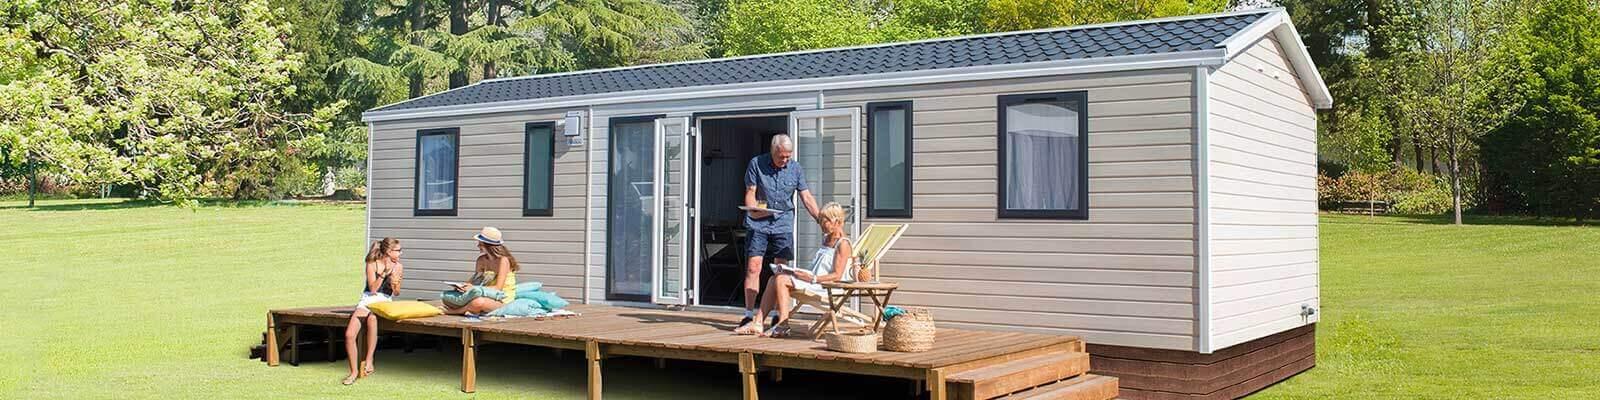 camping avec mobil-home pour famille en dordogne